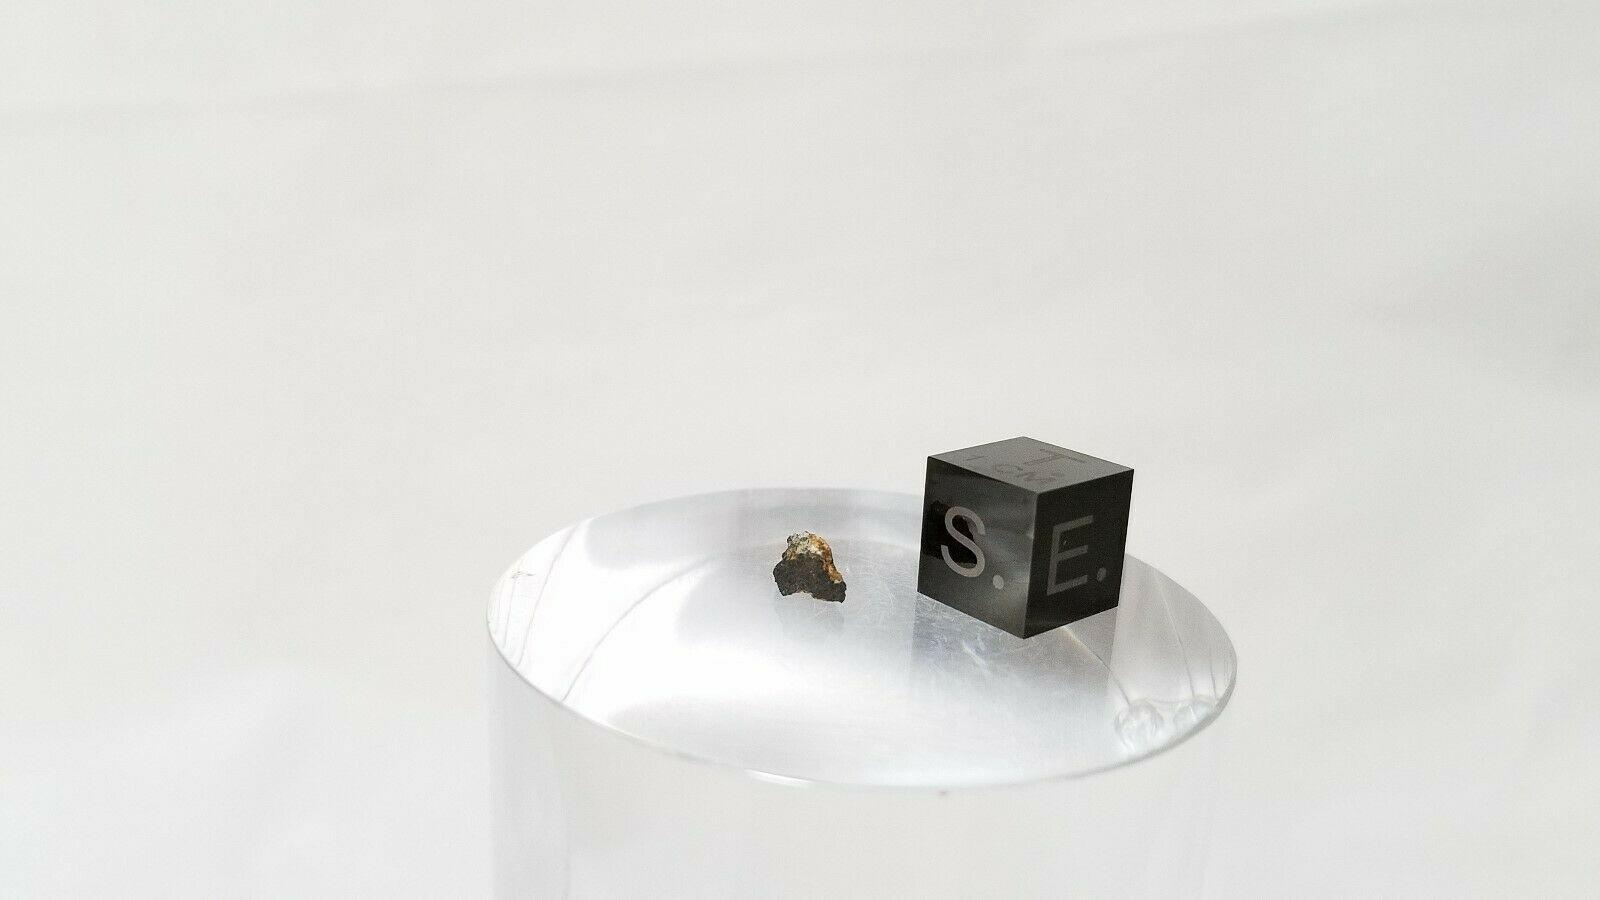 метеоріт Бахмут продається на аукціоні